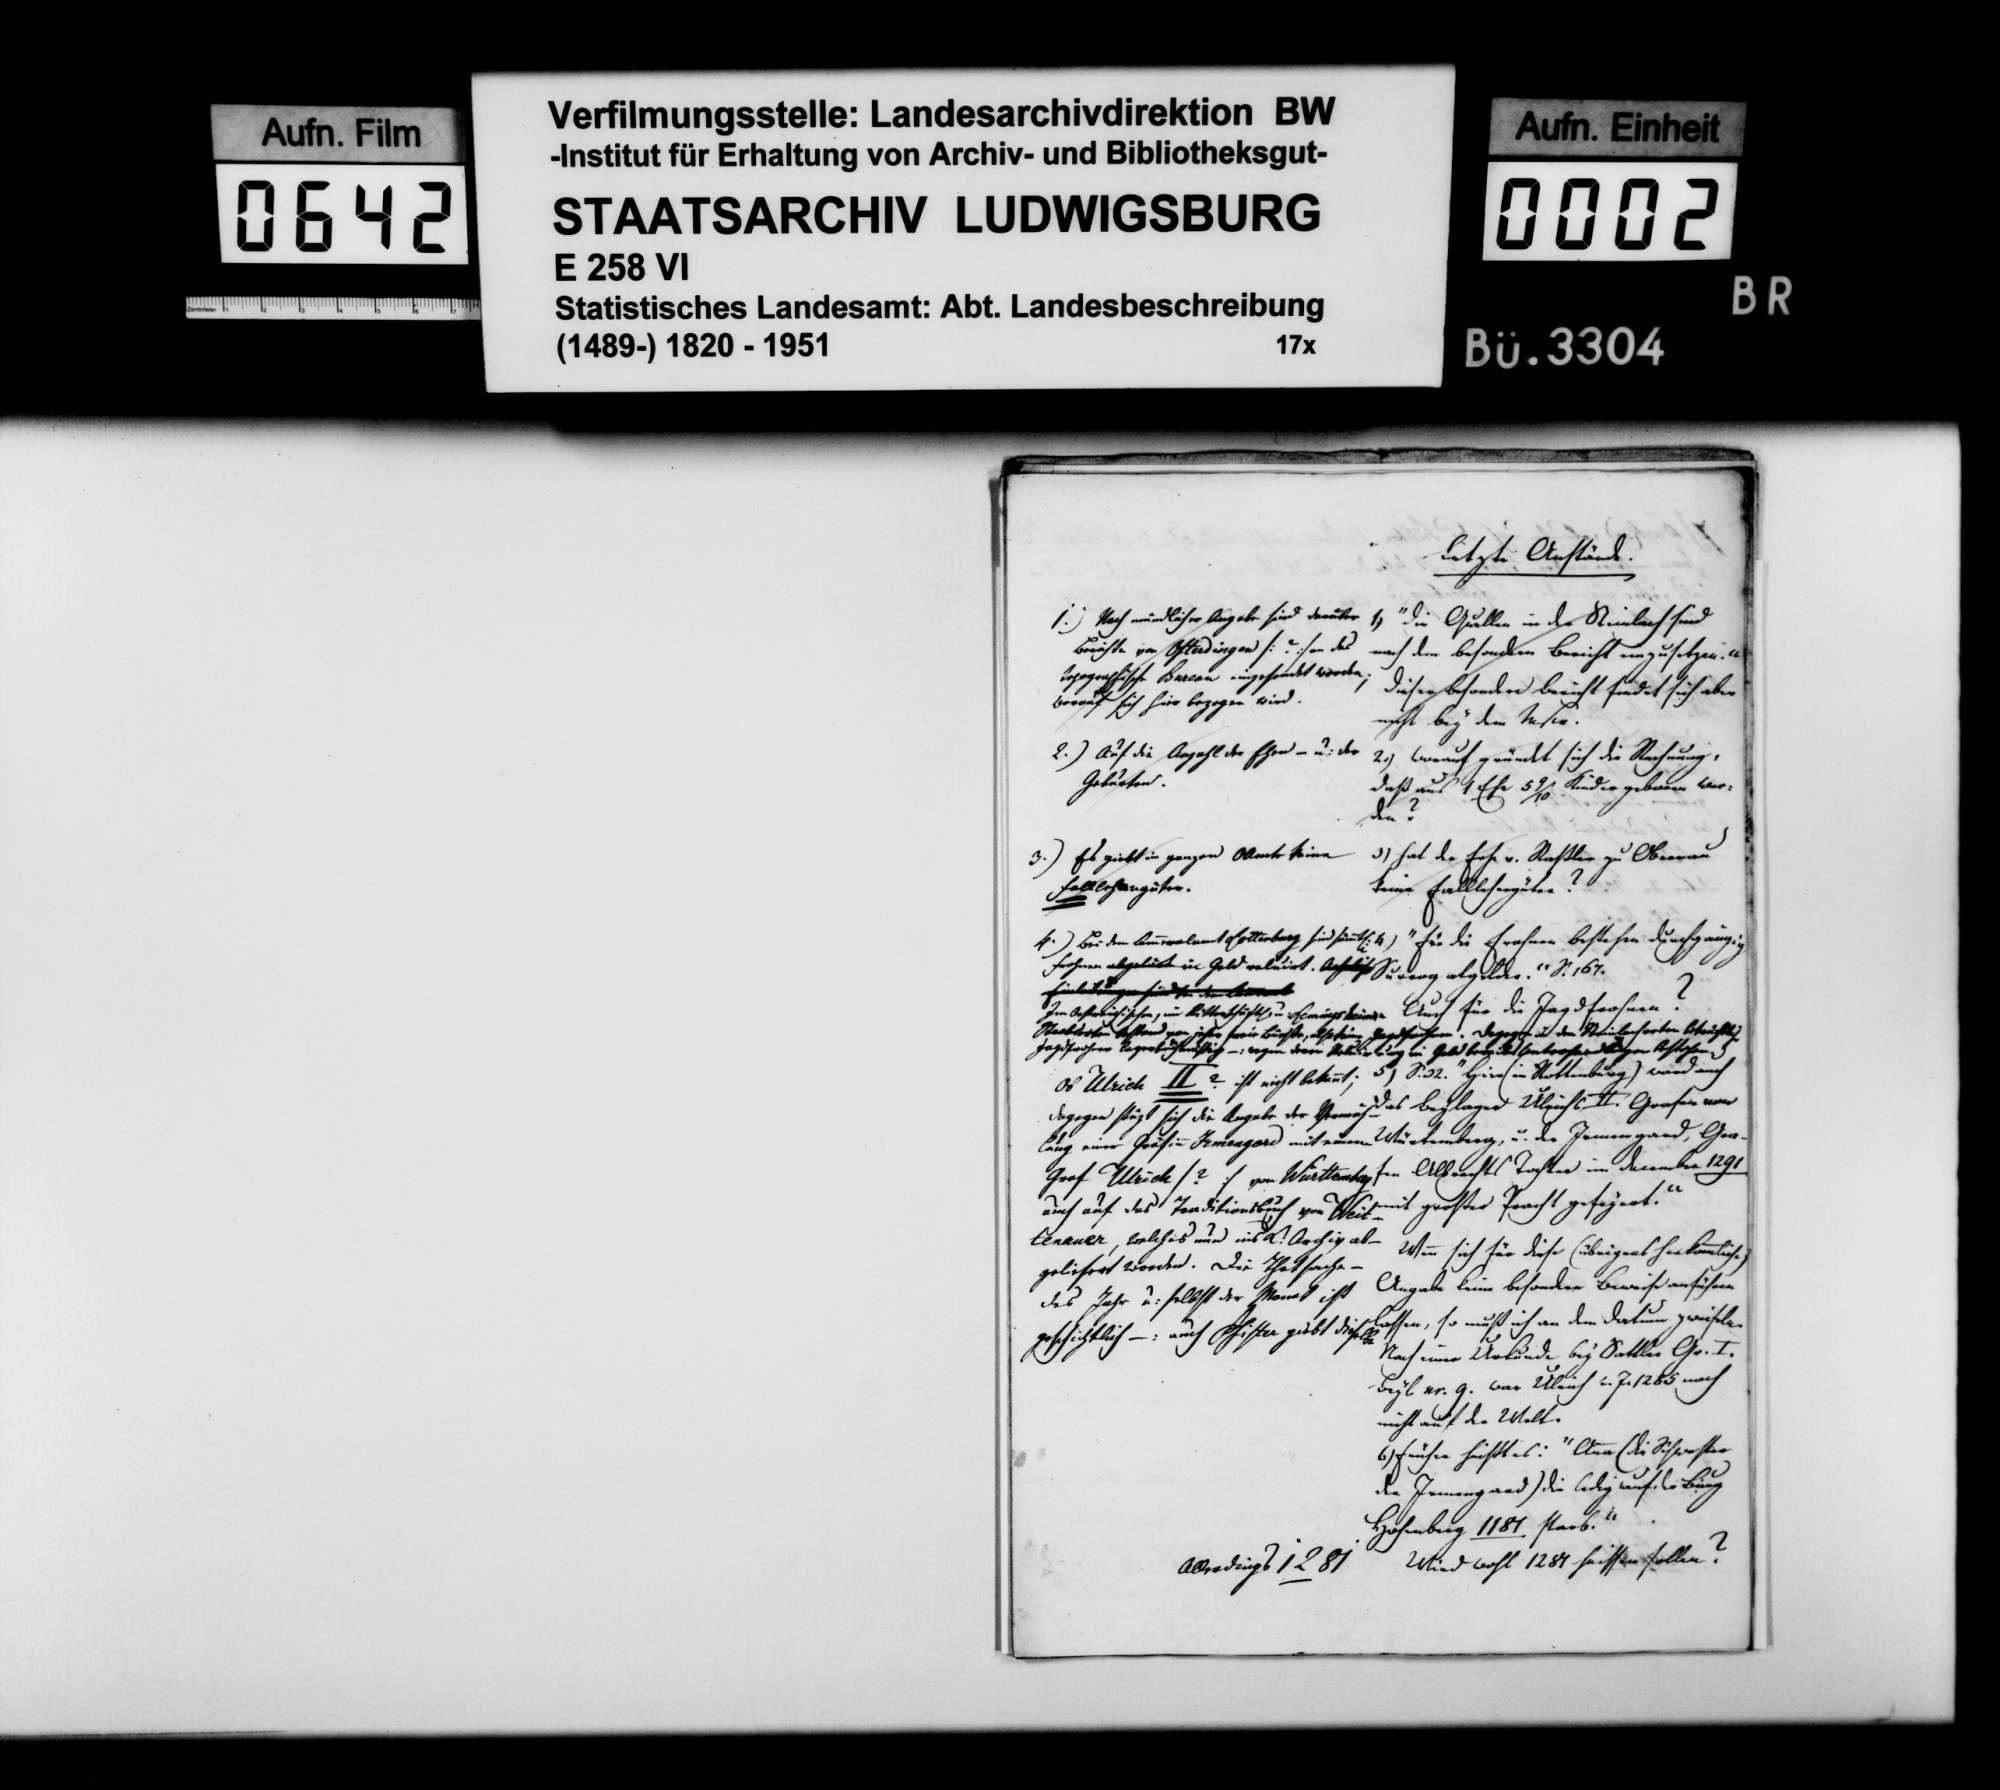 Anstände und Nachfragen des Professors Memminger, amtliche Auskünfte zum Manuskript der OAB, Bild 1